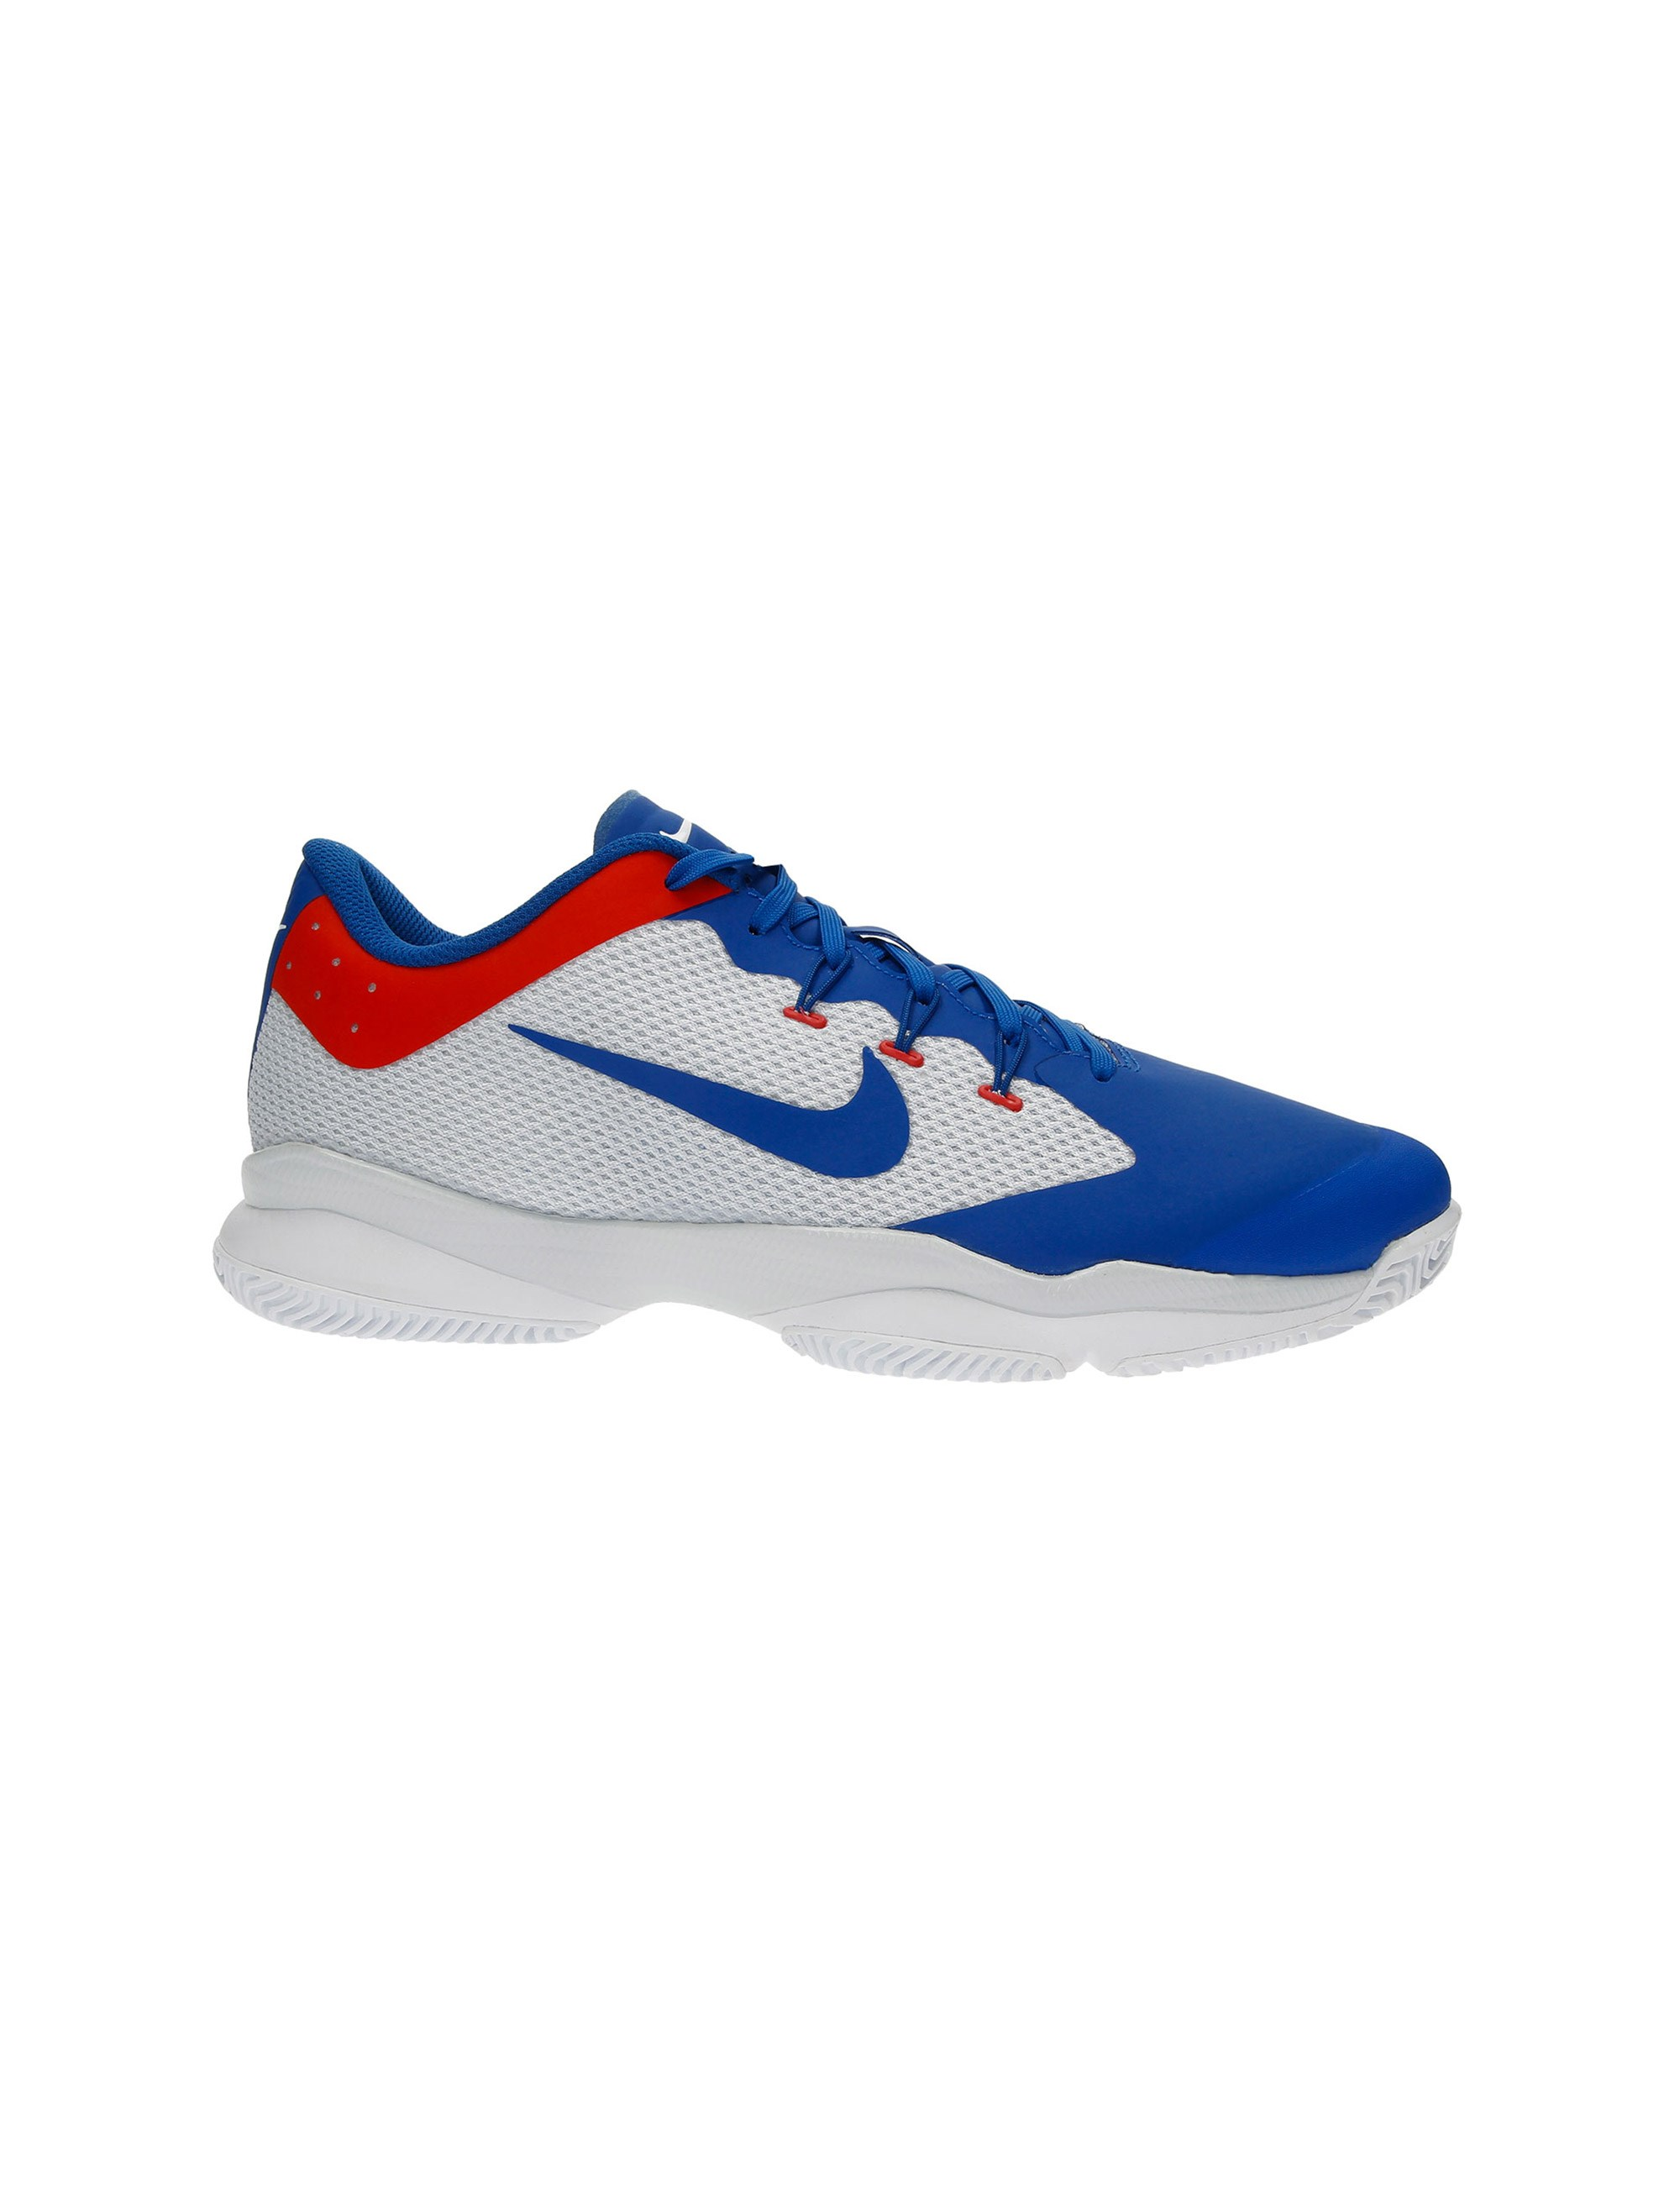 قیمت کفش تنیس بندی مردانه Air Zoom Ultra Sz - نایکی